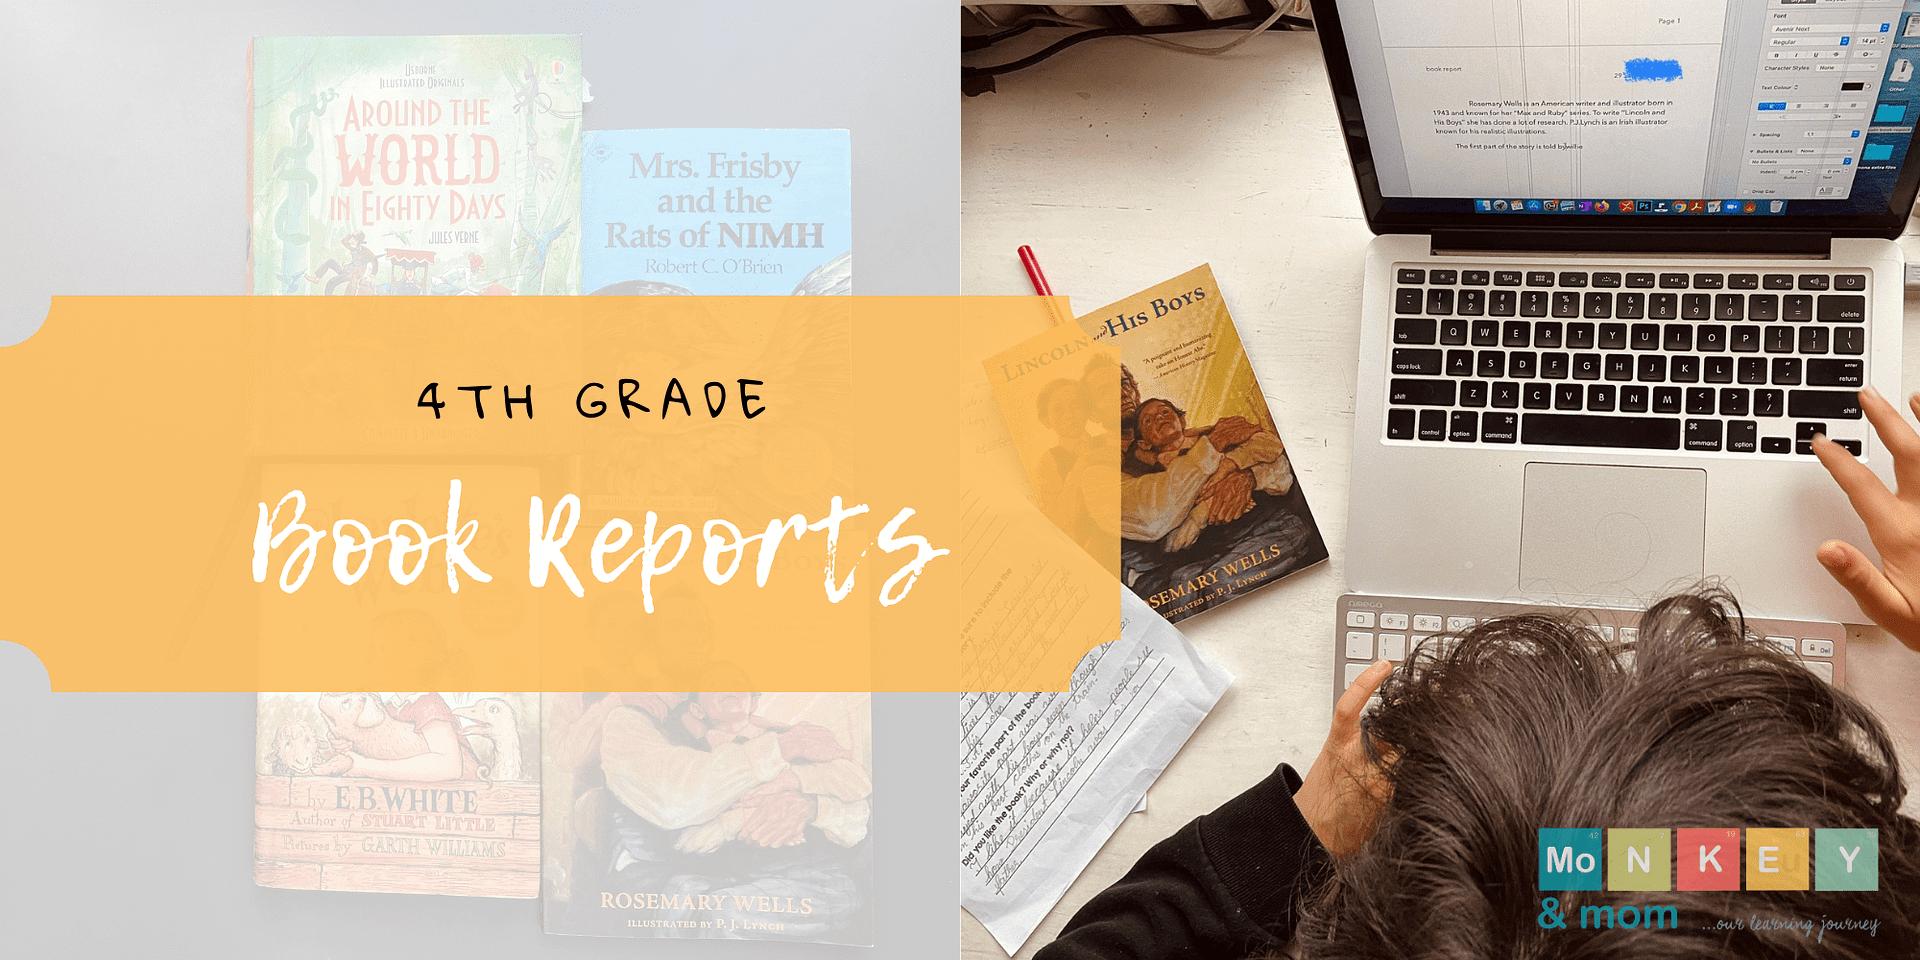 4th grade book reports